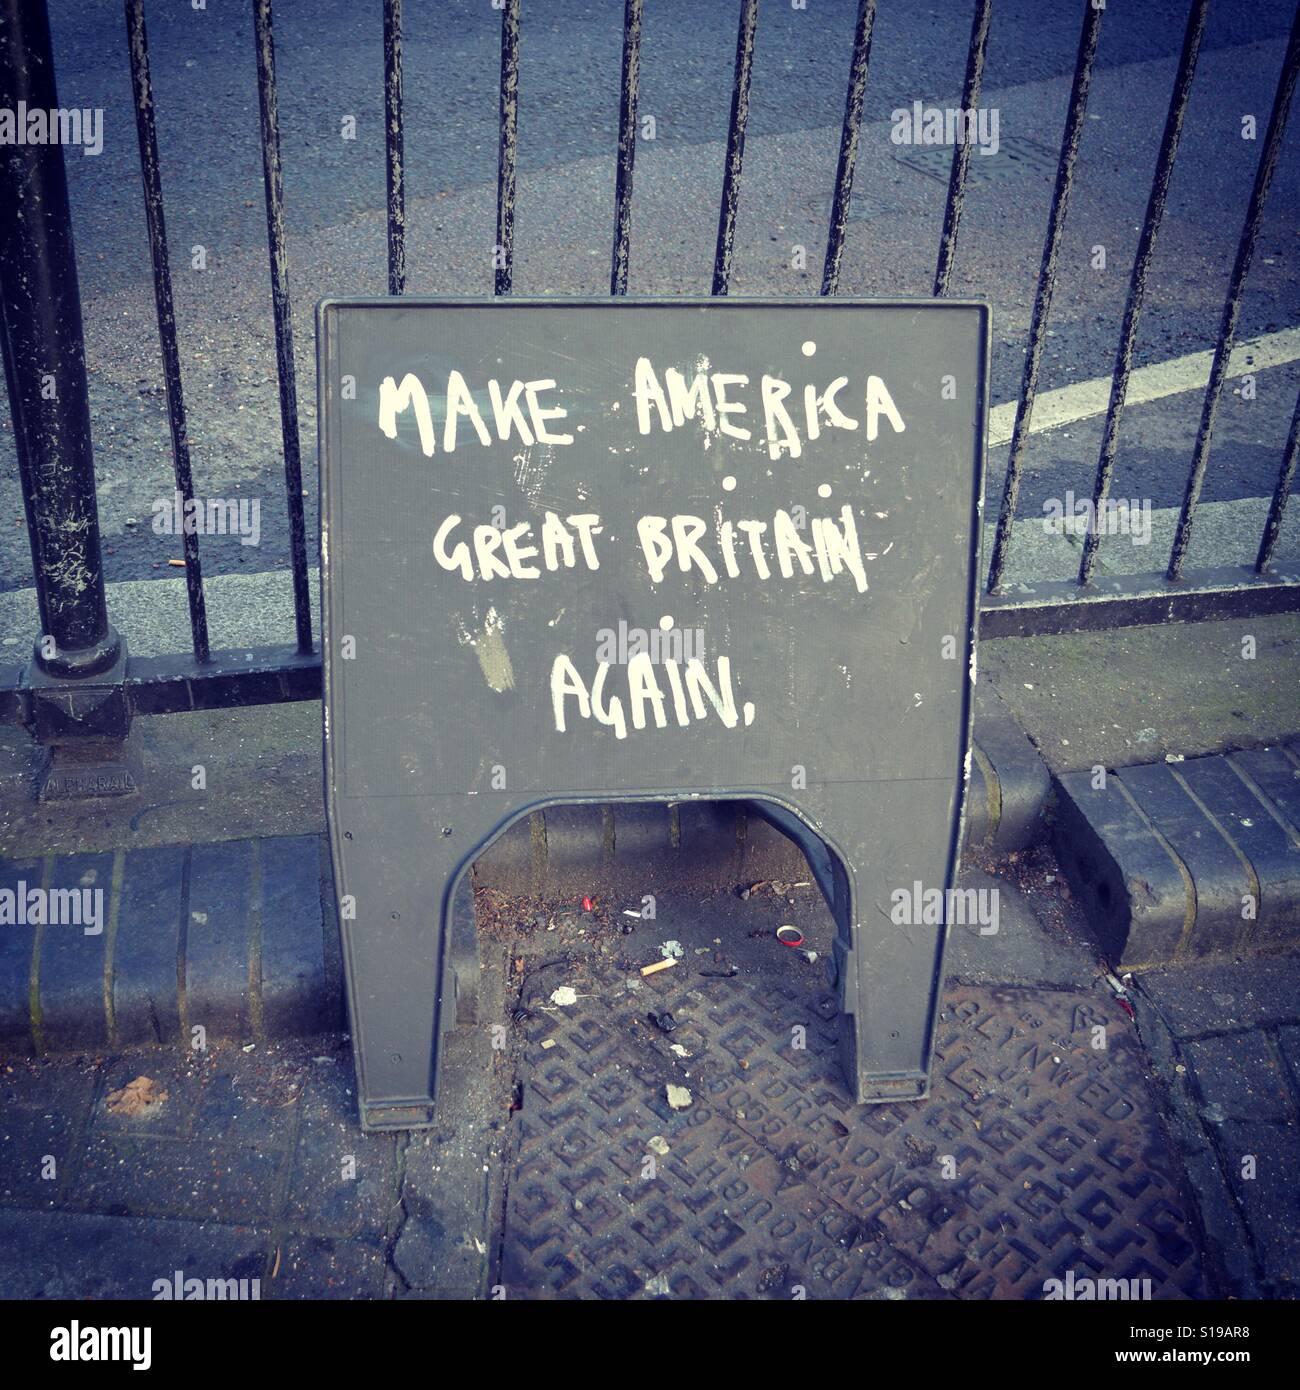 Make America Great Britain Again - Stock Image